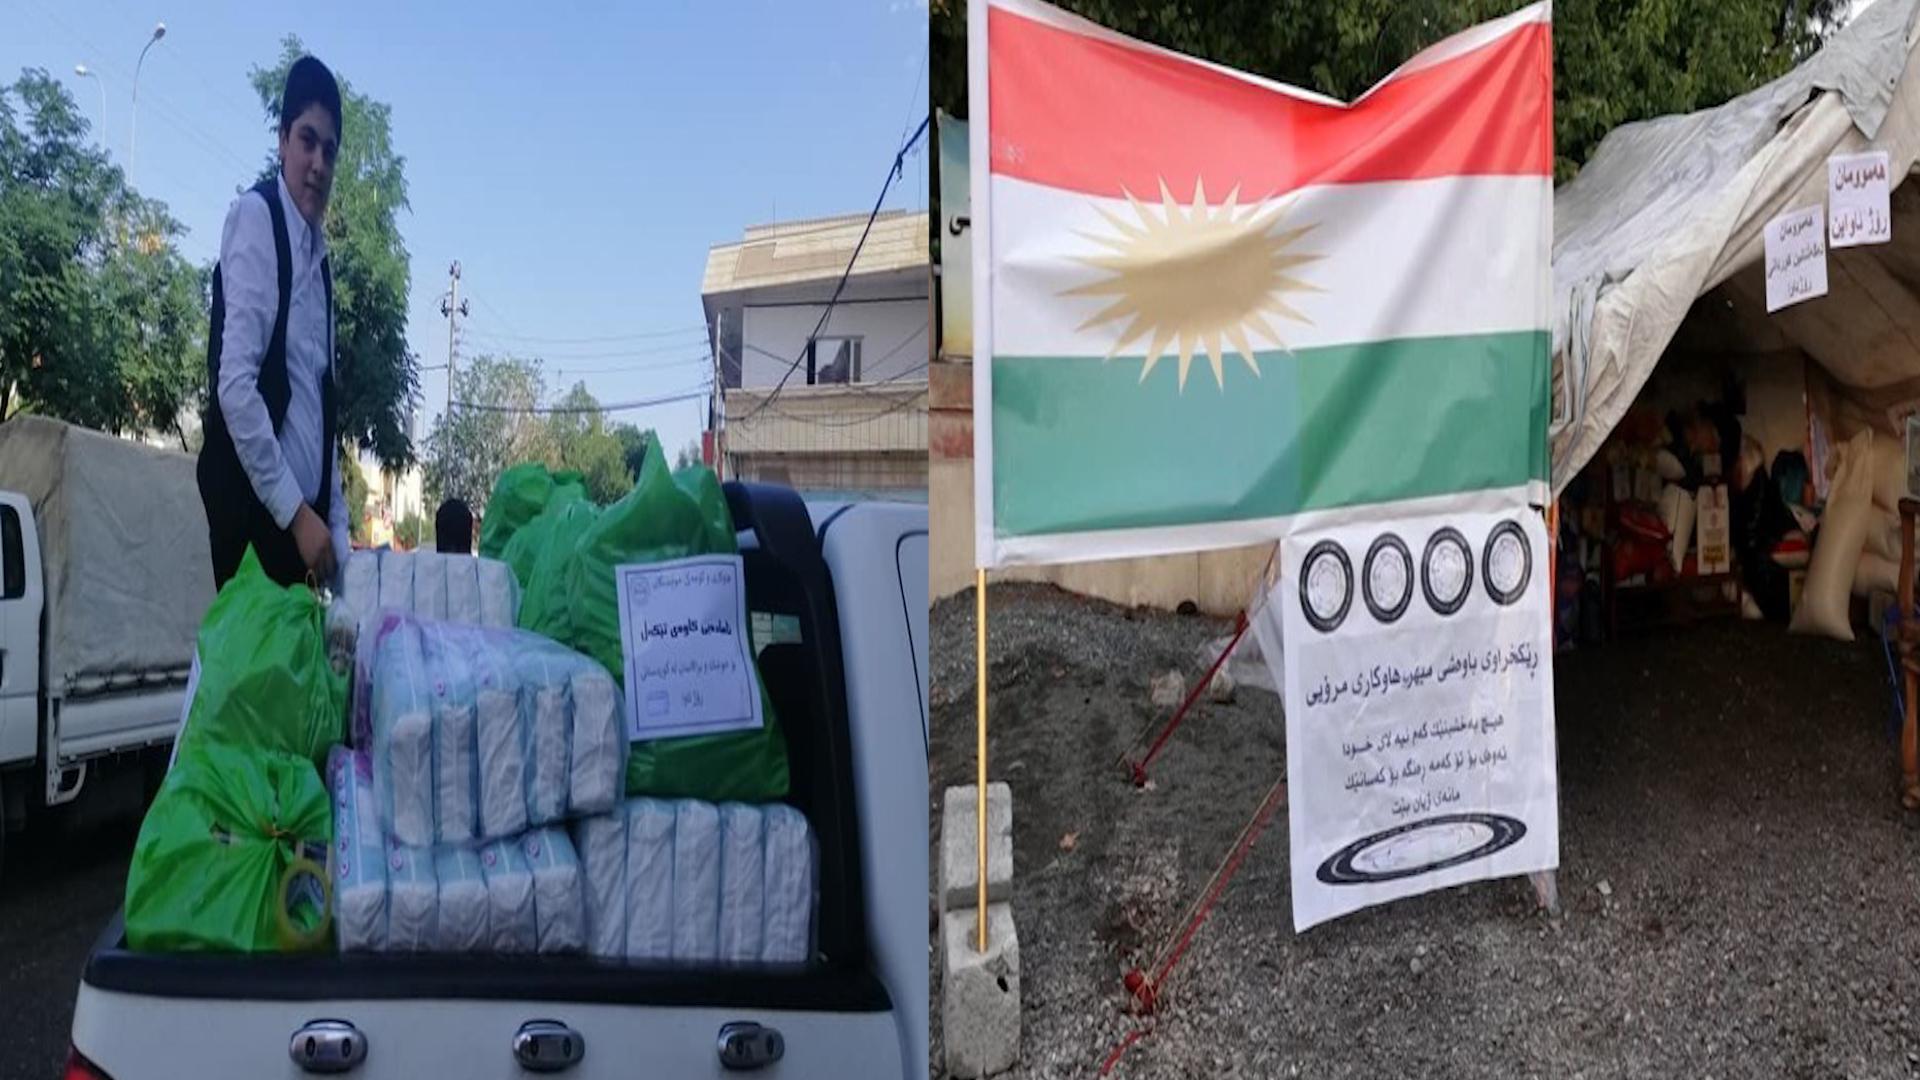 Photo of Li Sîdekan ji bo Rojava kampanya alîkariyê hat destpêkirin